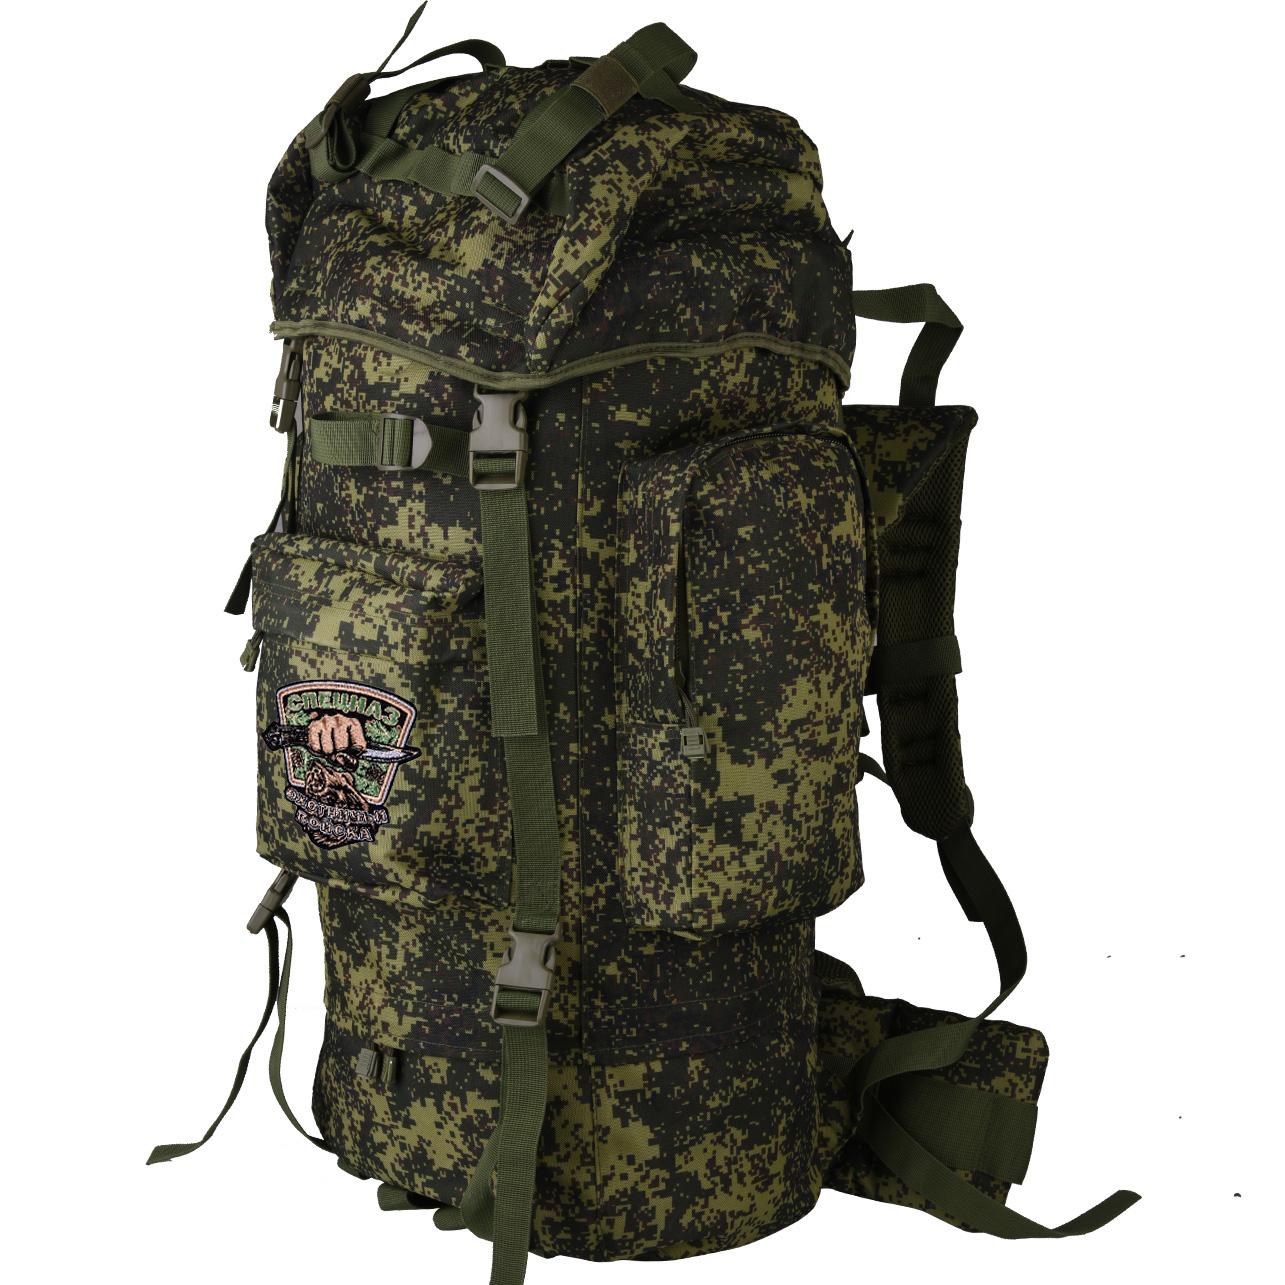 Внушительный камуфляжный рюкзак с нашивкой Охотничий Спецназ - купить в Военпро